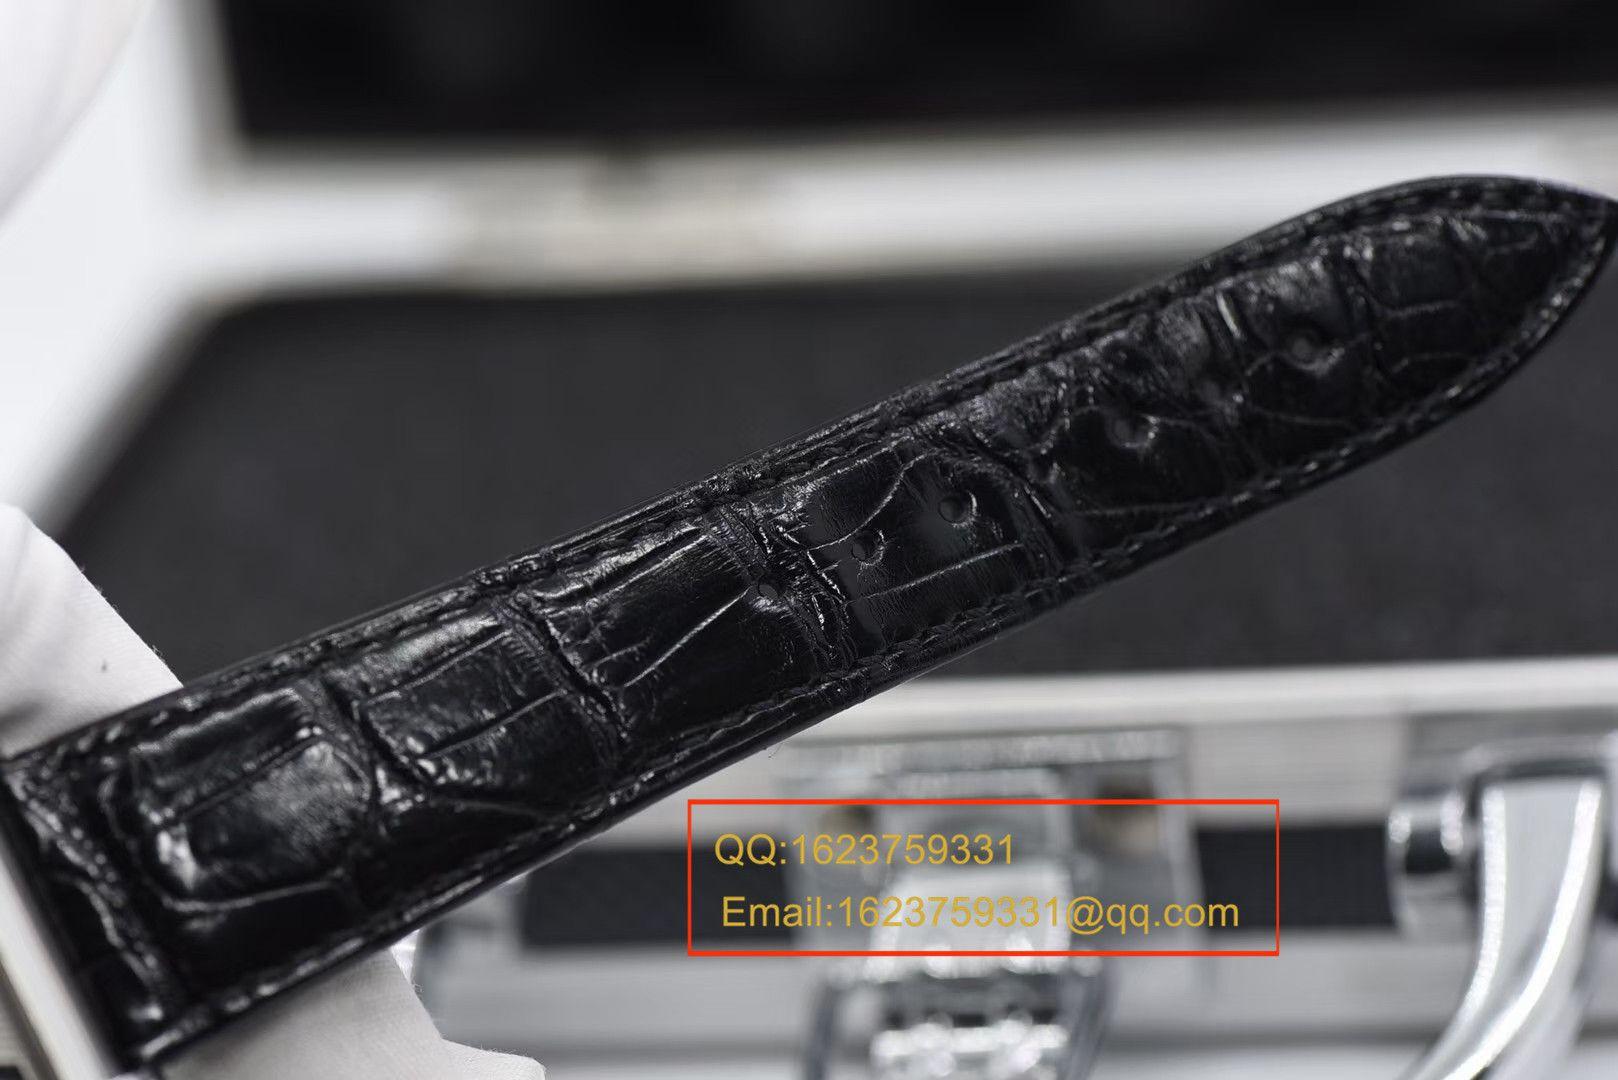 【视频评测TF1:1超A精仿手表】江诗丹顿马耳他系列30066/000P-8817陀飞轮腕表 / JSDH143